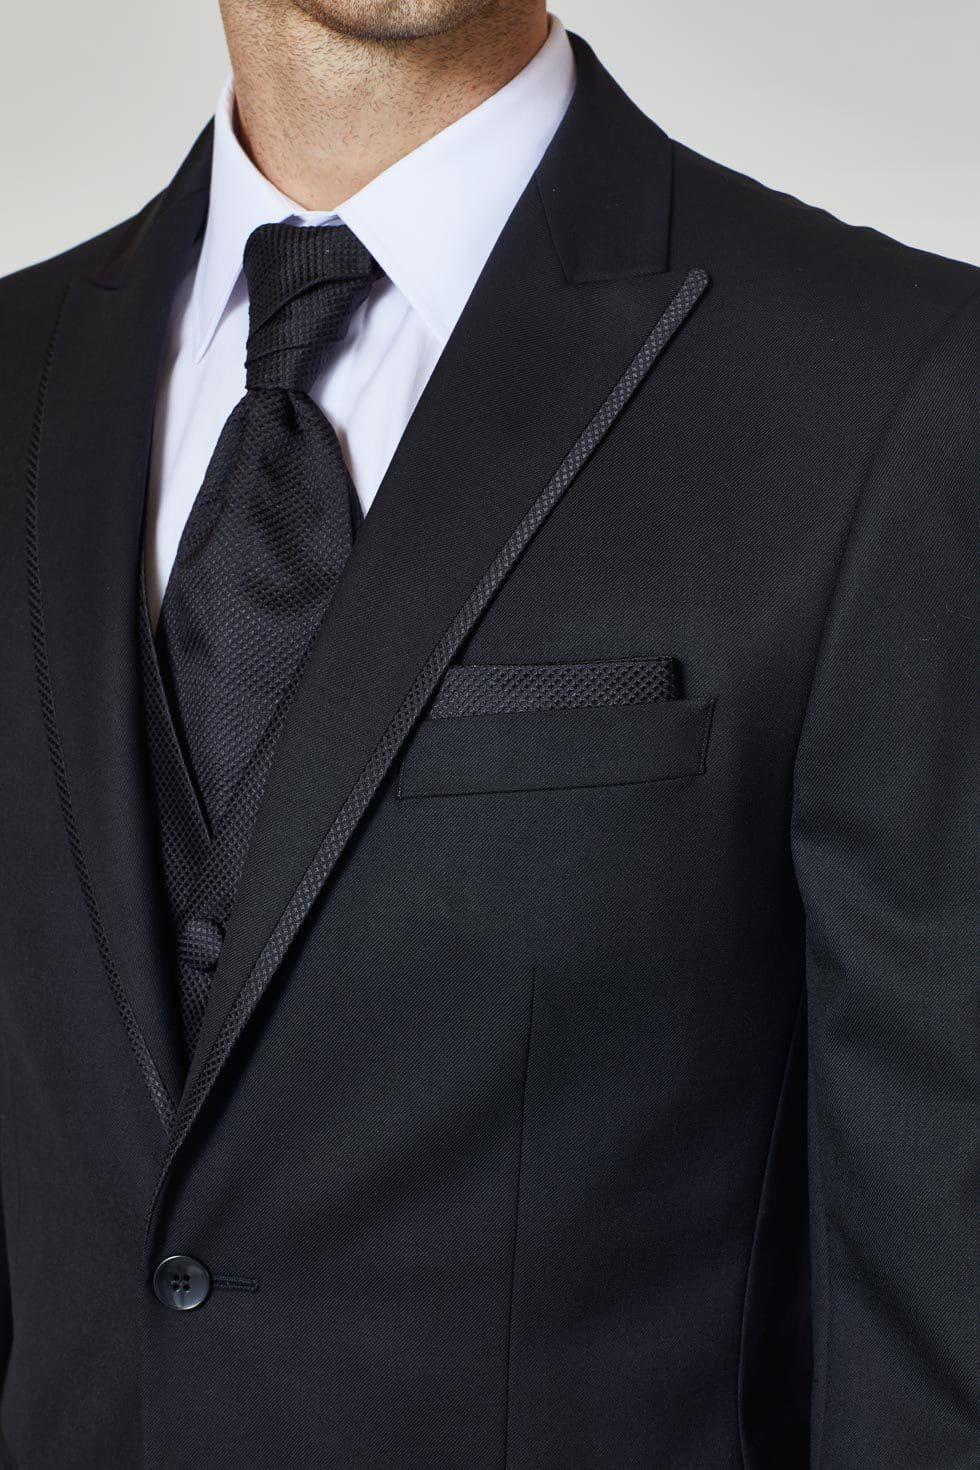 Hochzeitskrawatte Schwarz